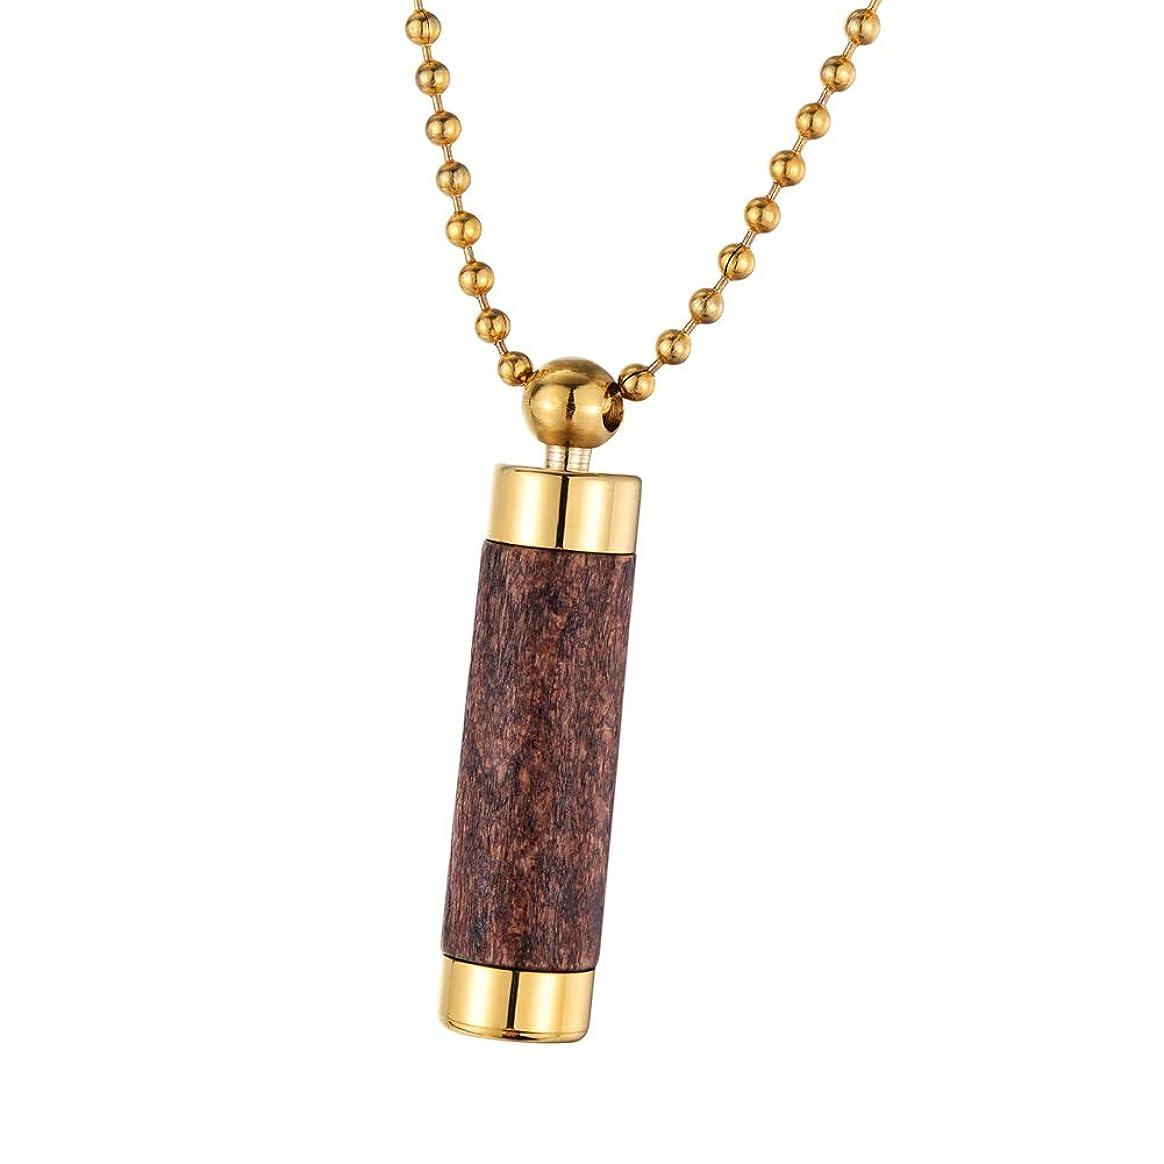 近傍小川トランペット[HOUSWEETY] 遺骨ペンダント 大容量 メモリアルペンダント ボトル型 手元供養 ステンレス 木製カバー メモリアルジュエリー 43x10mm(ゴールド,ブラウン)